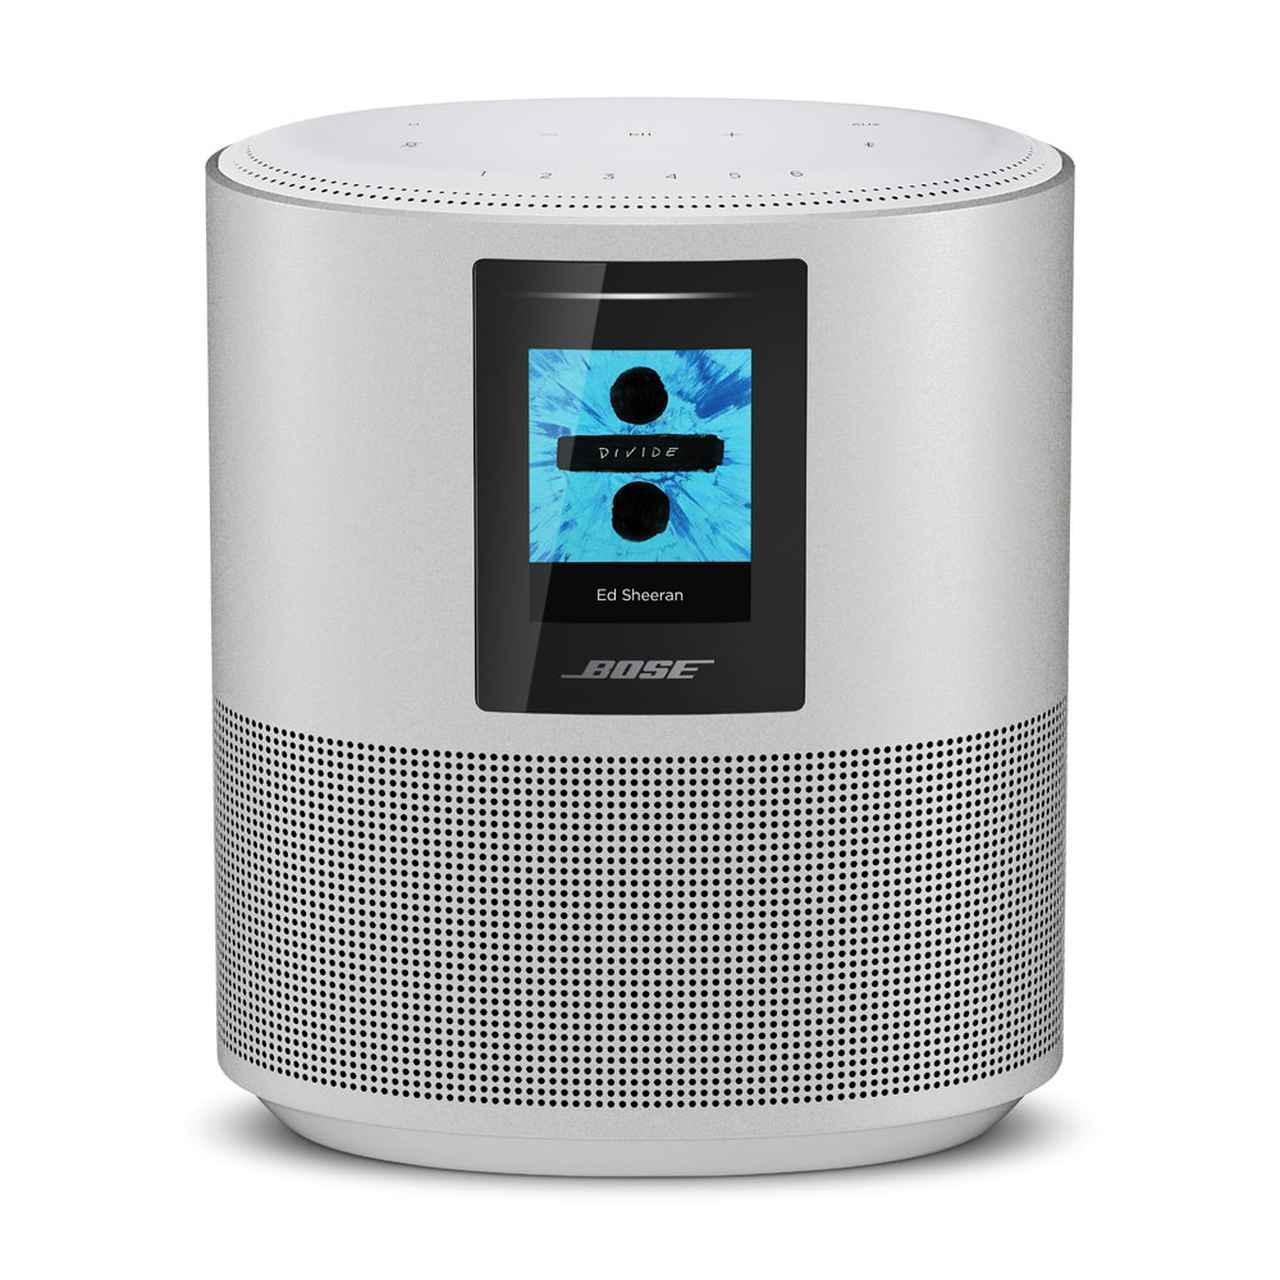 画像: ボーズのワイヤレスオーディオシステム「Bose Home Speaker 500」。カラーリングはブラックとホワイトを用意する